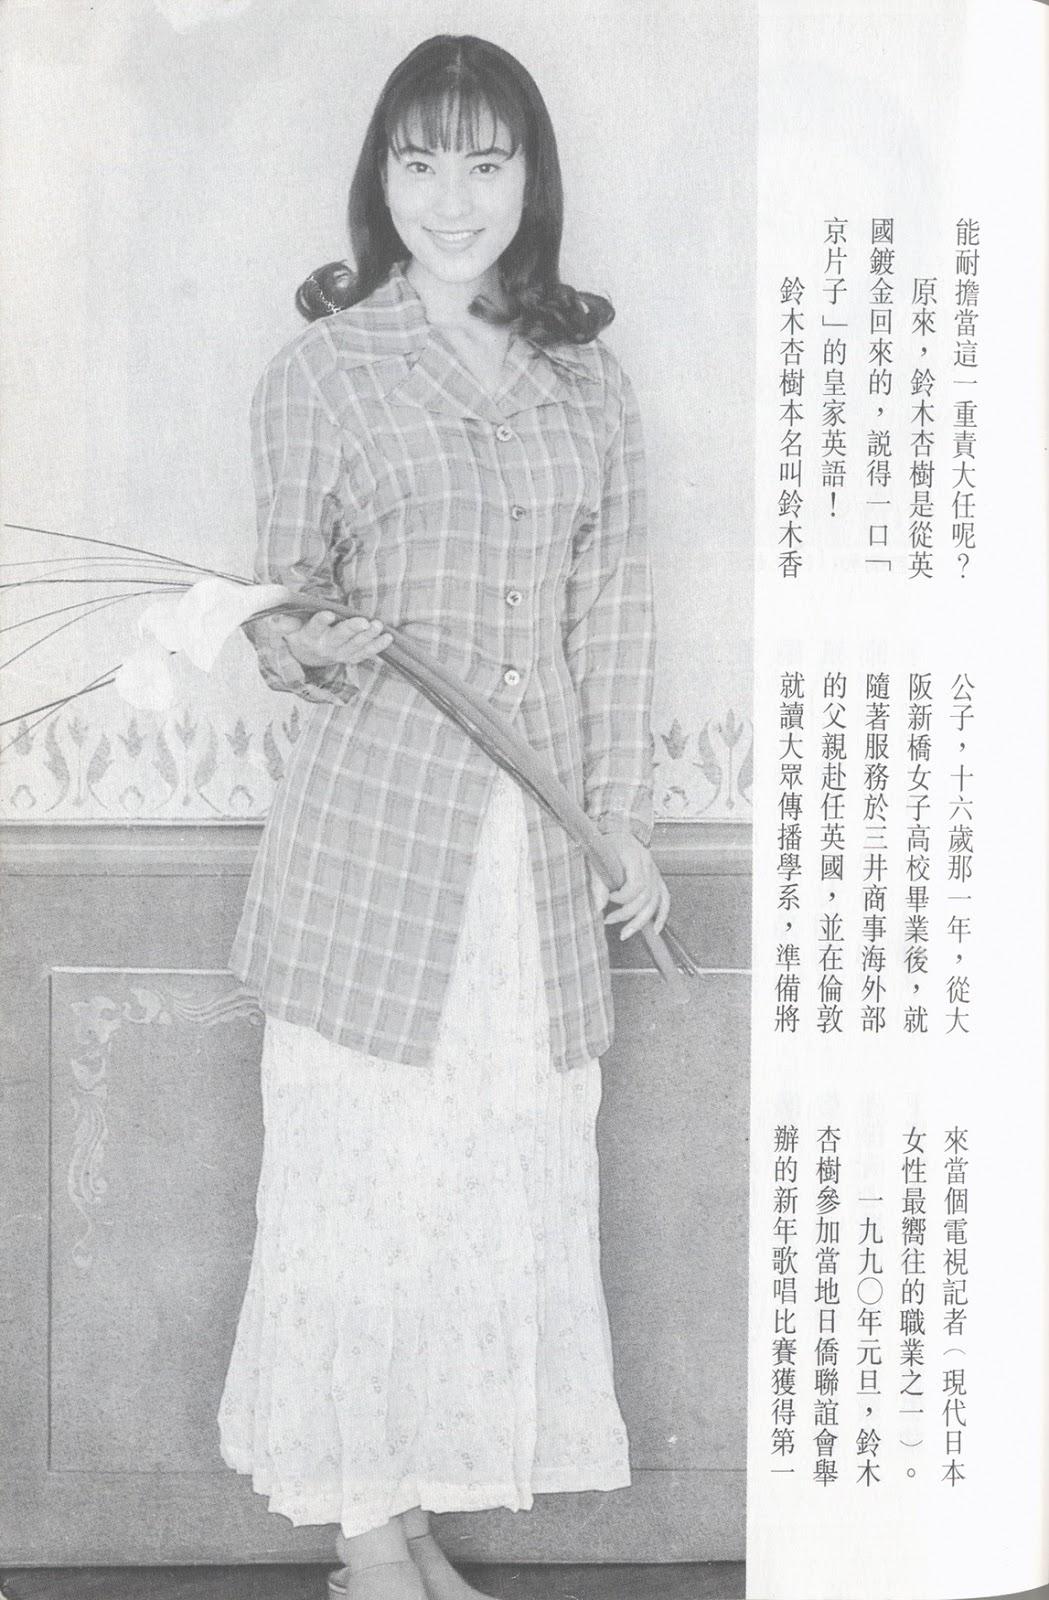 杏樹 本名 鈴木